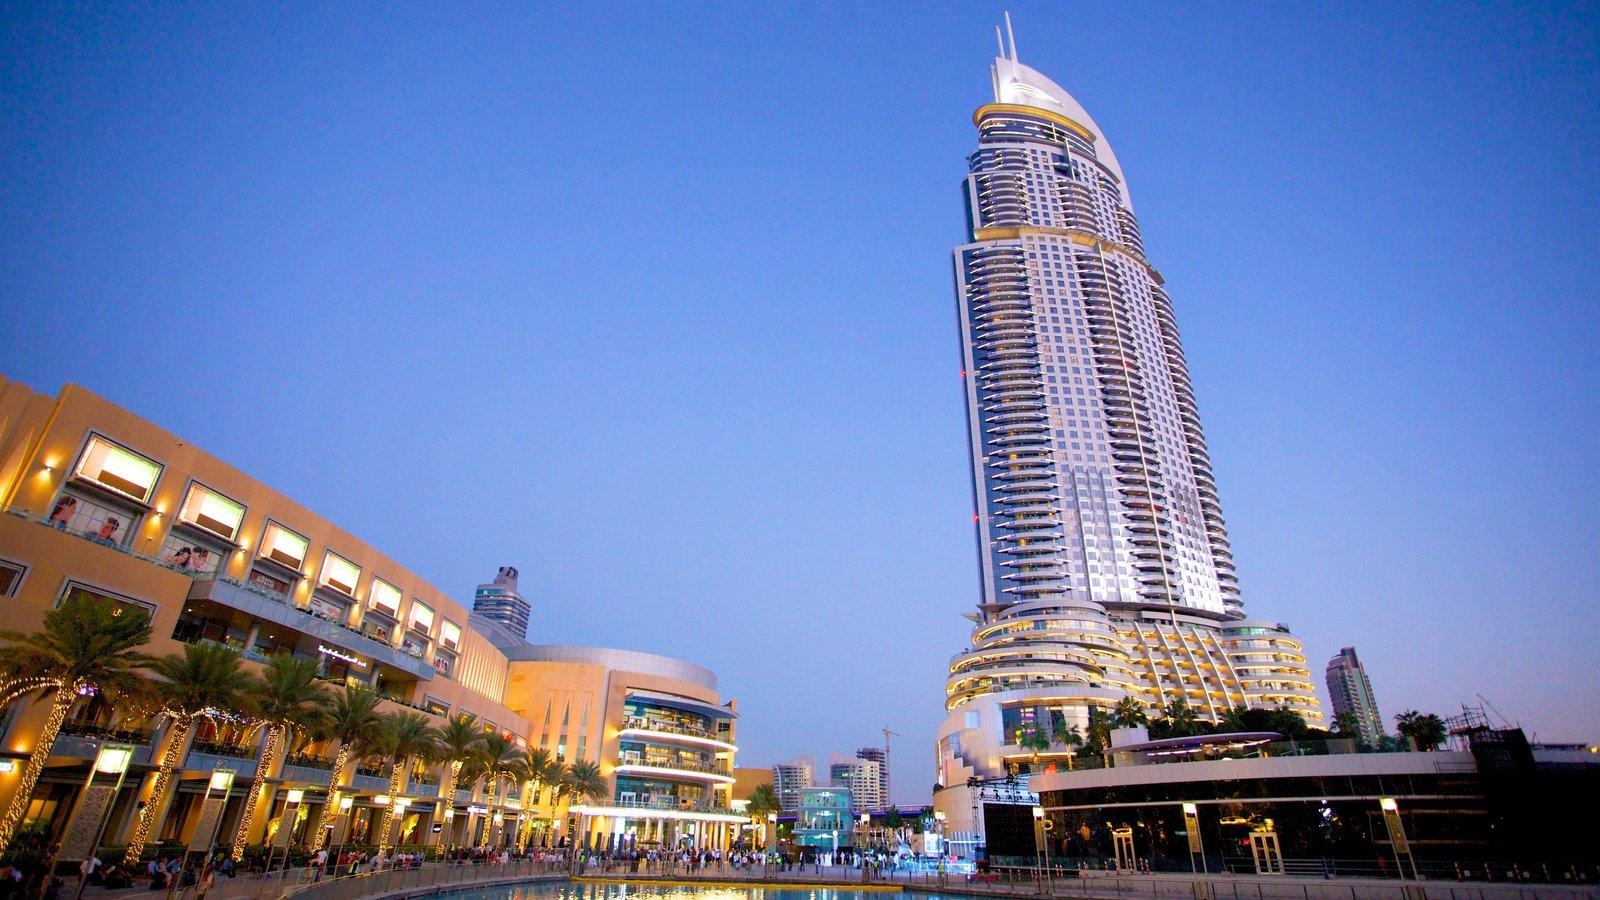 Burj Khalifa que incluye un edificio de gran altura, arquitectura moderna y dfc